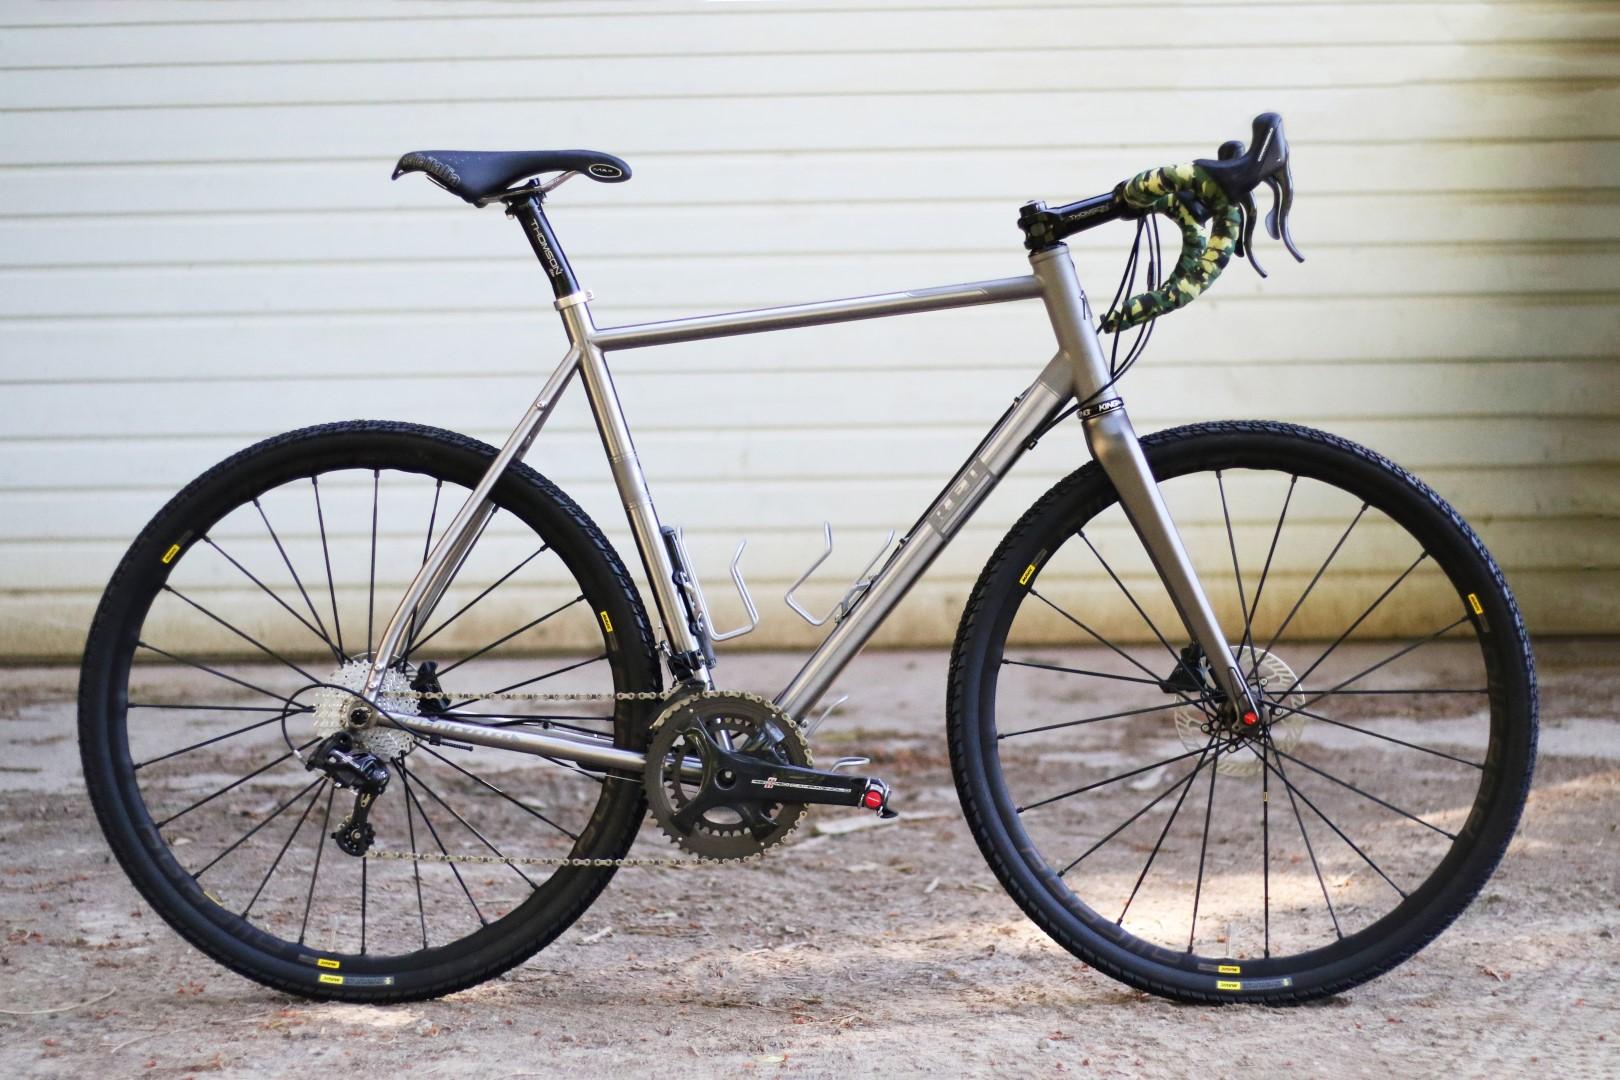 REN-W61-Campagnolo-2018 (1).JPG